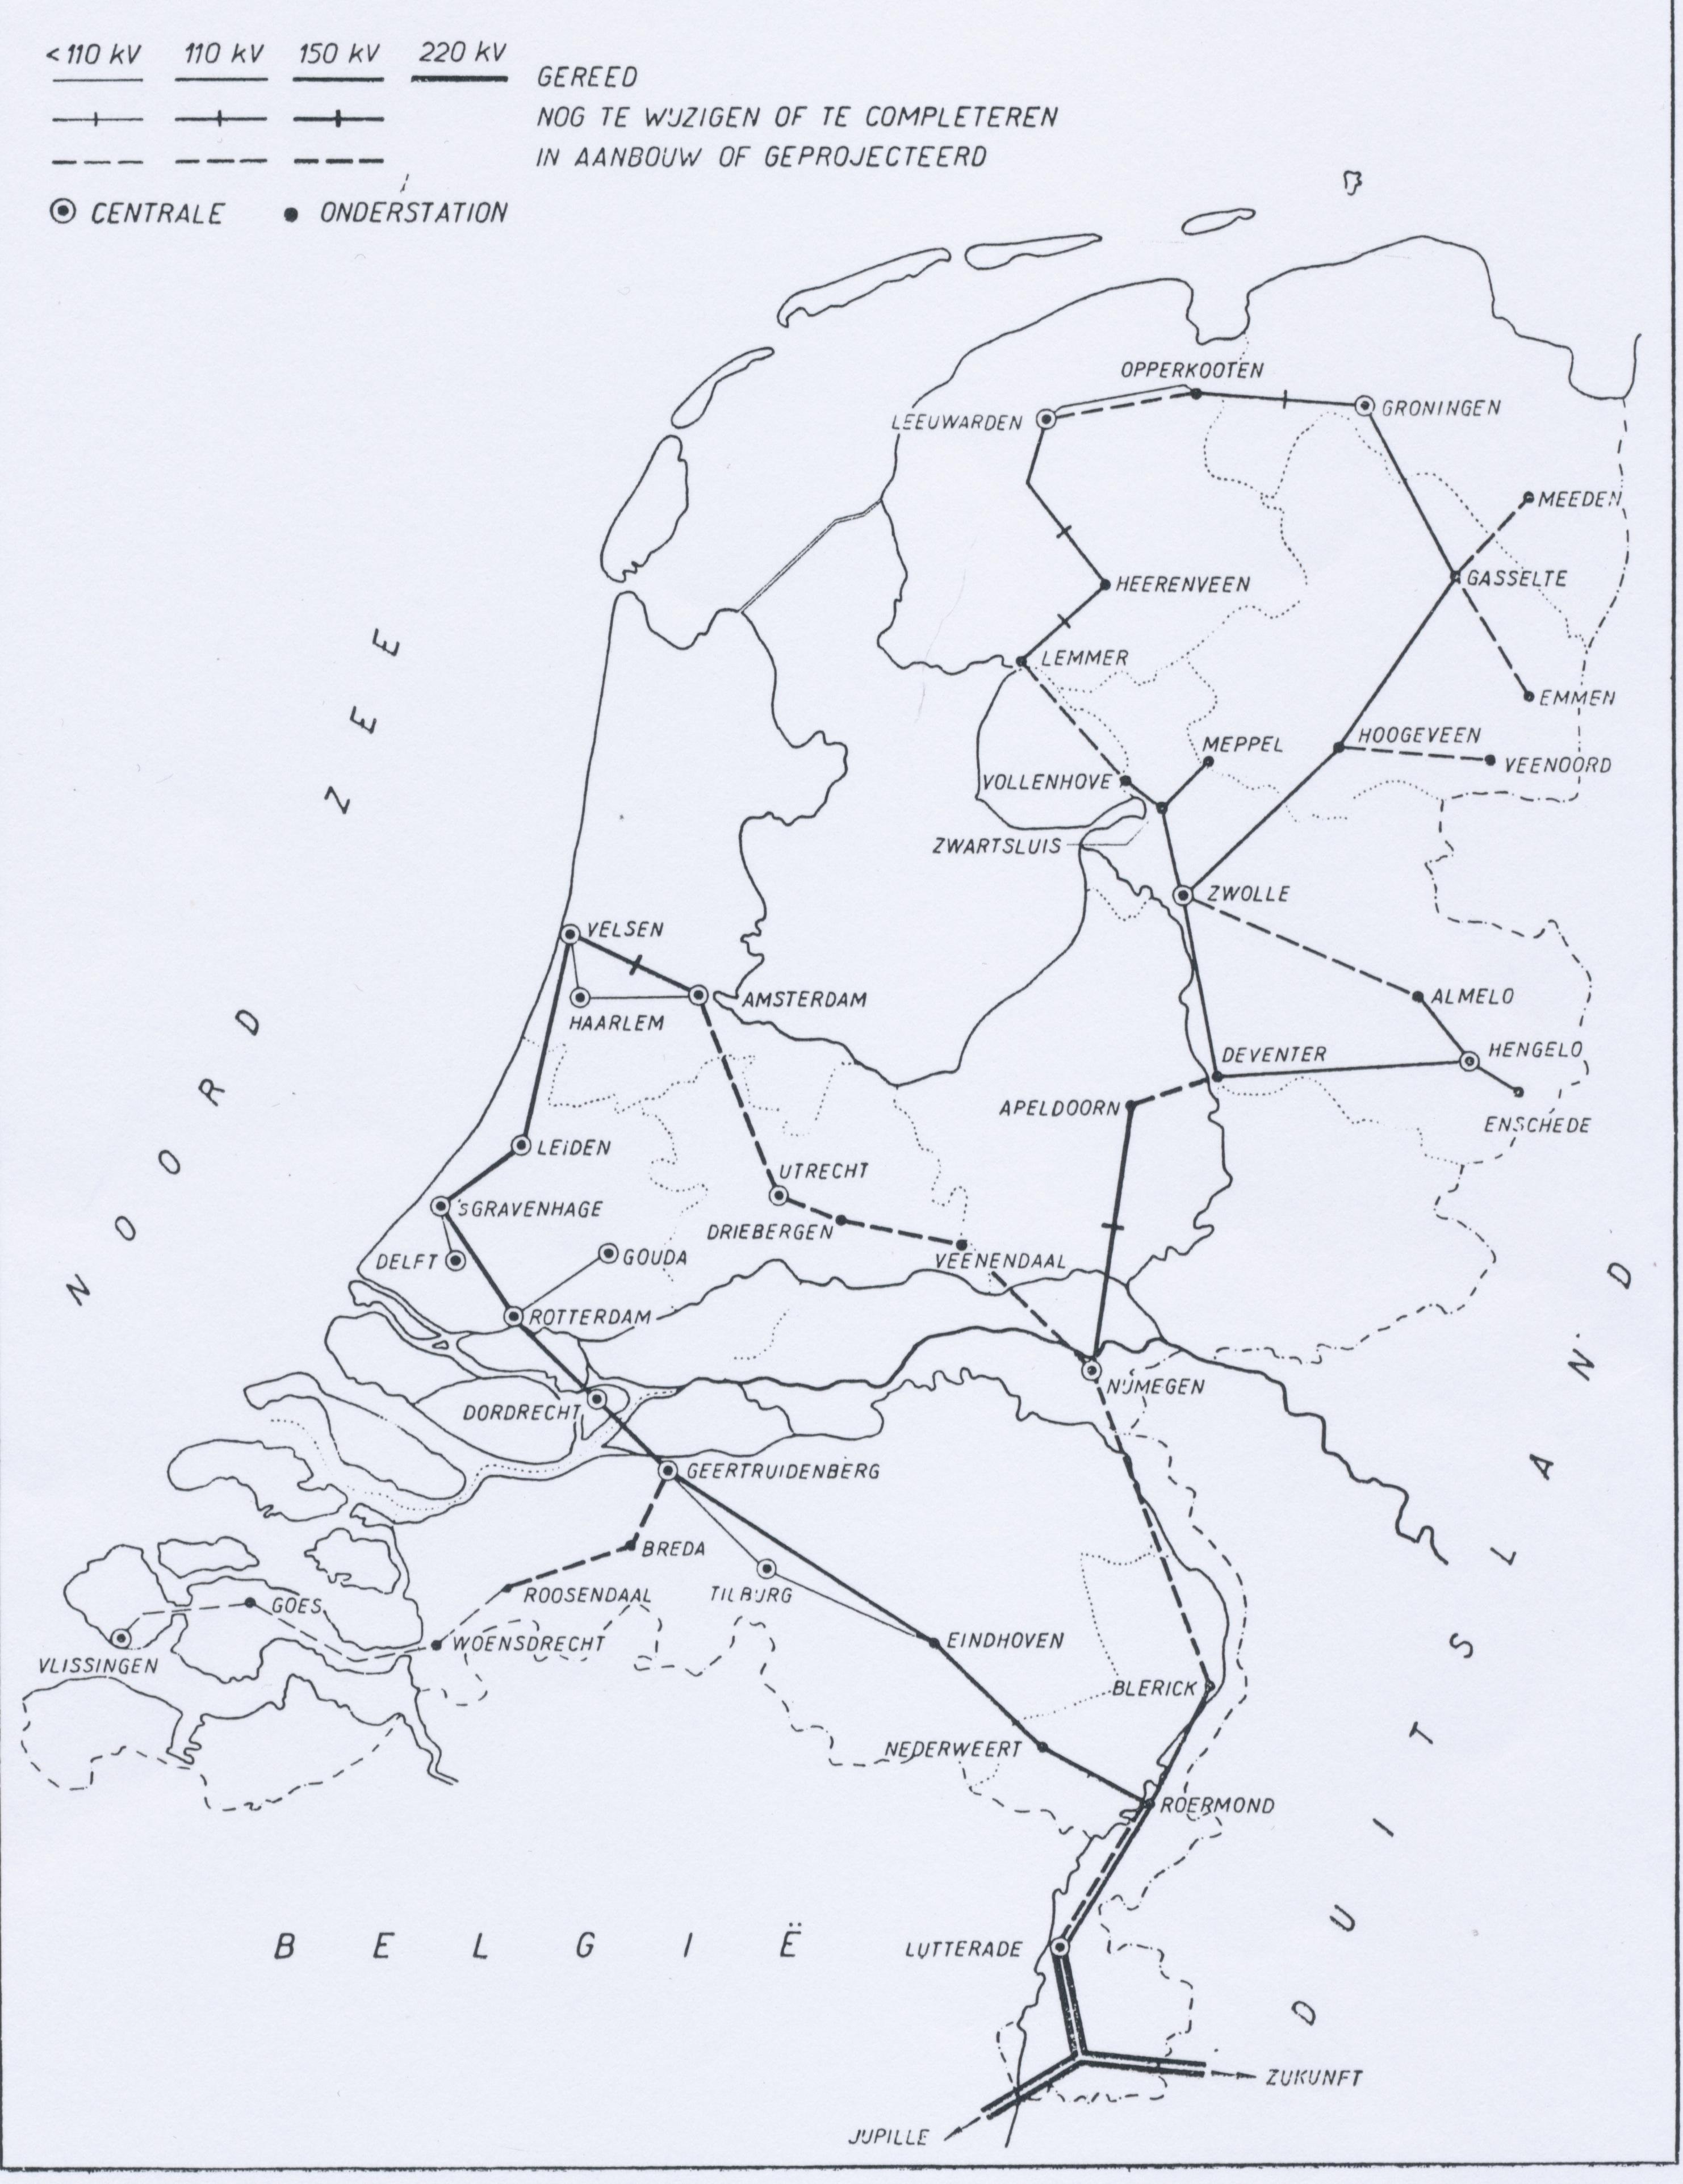 Netkaart van 1949